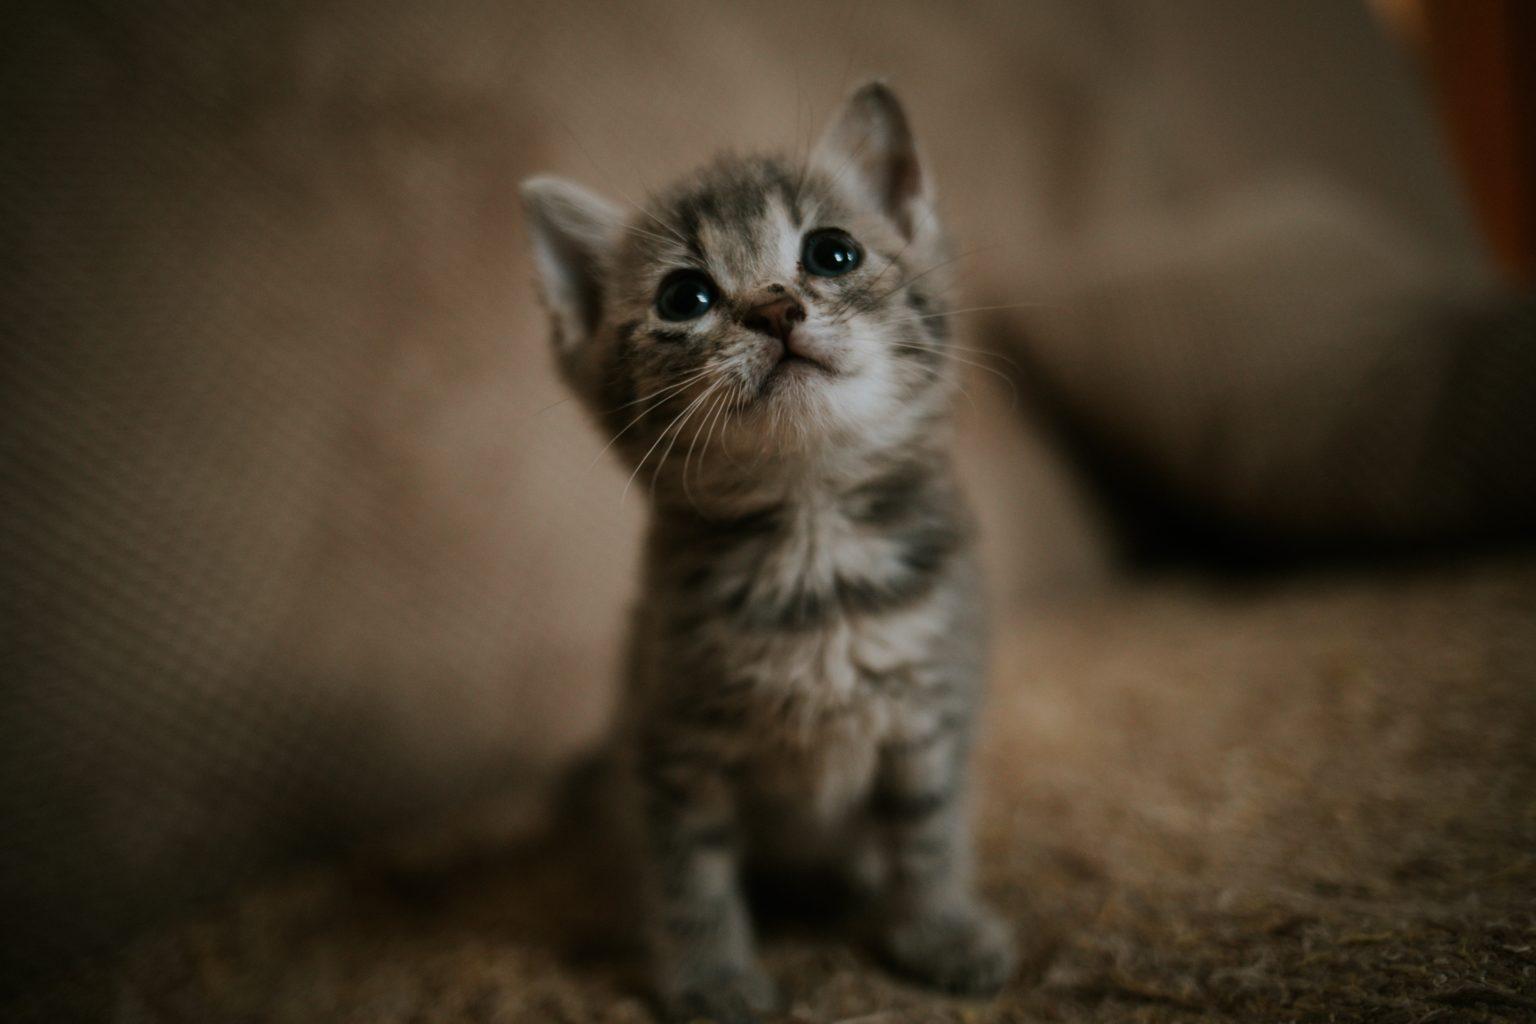 Katze kommt aus Pension zurück. Kann ich sie bei mir zu Hause gleich wieder rauslassen?